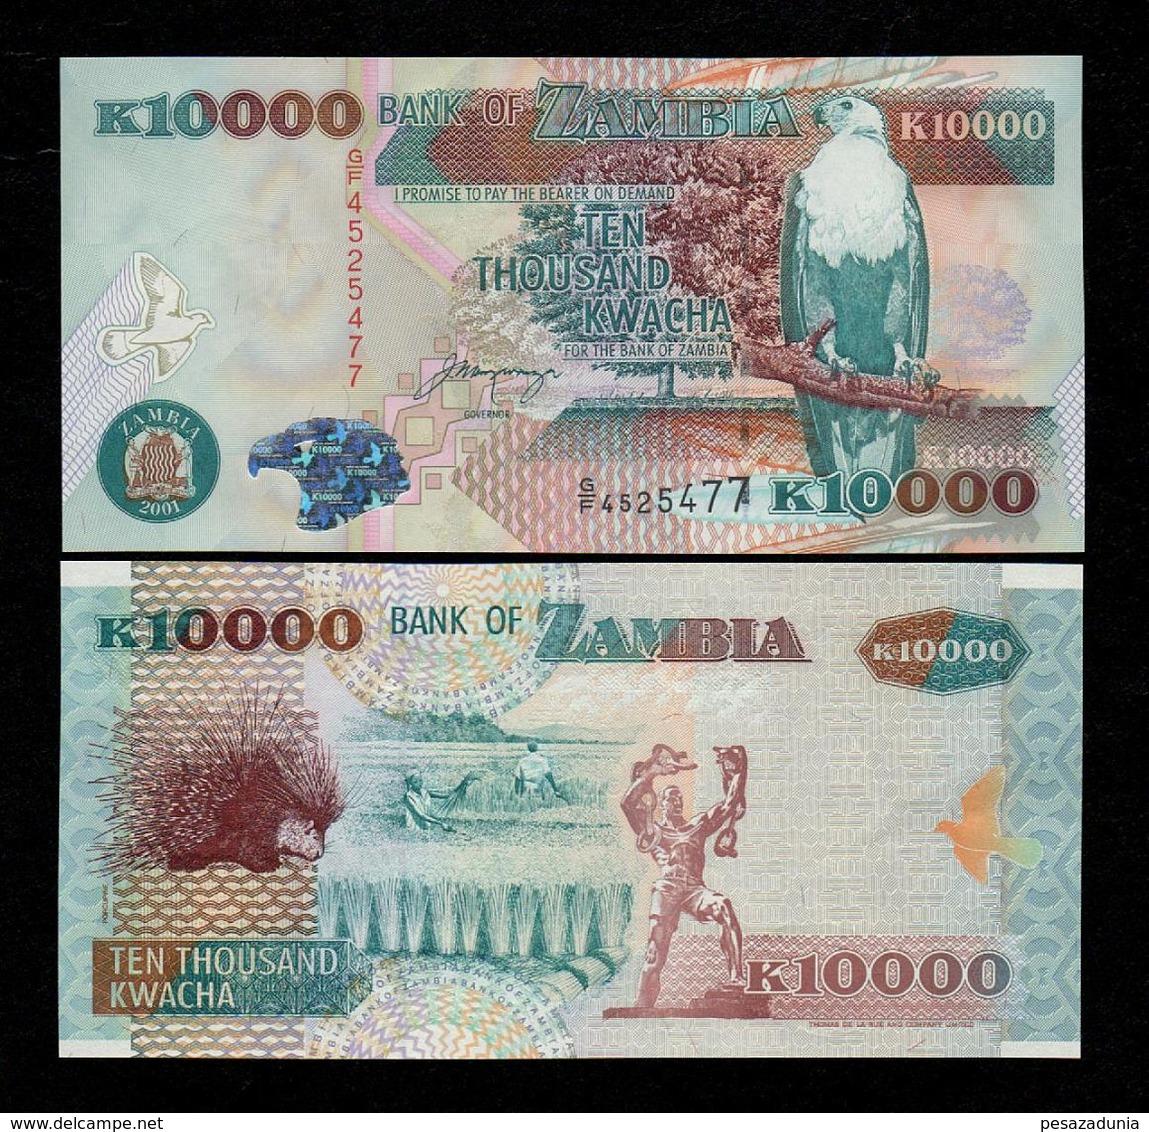 ZAMBIA 10000 (10,000) KWACHA BANKNOTE 2001 UNC P-42b Scarce! - Zambia